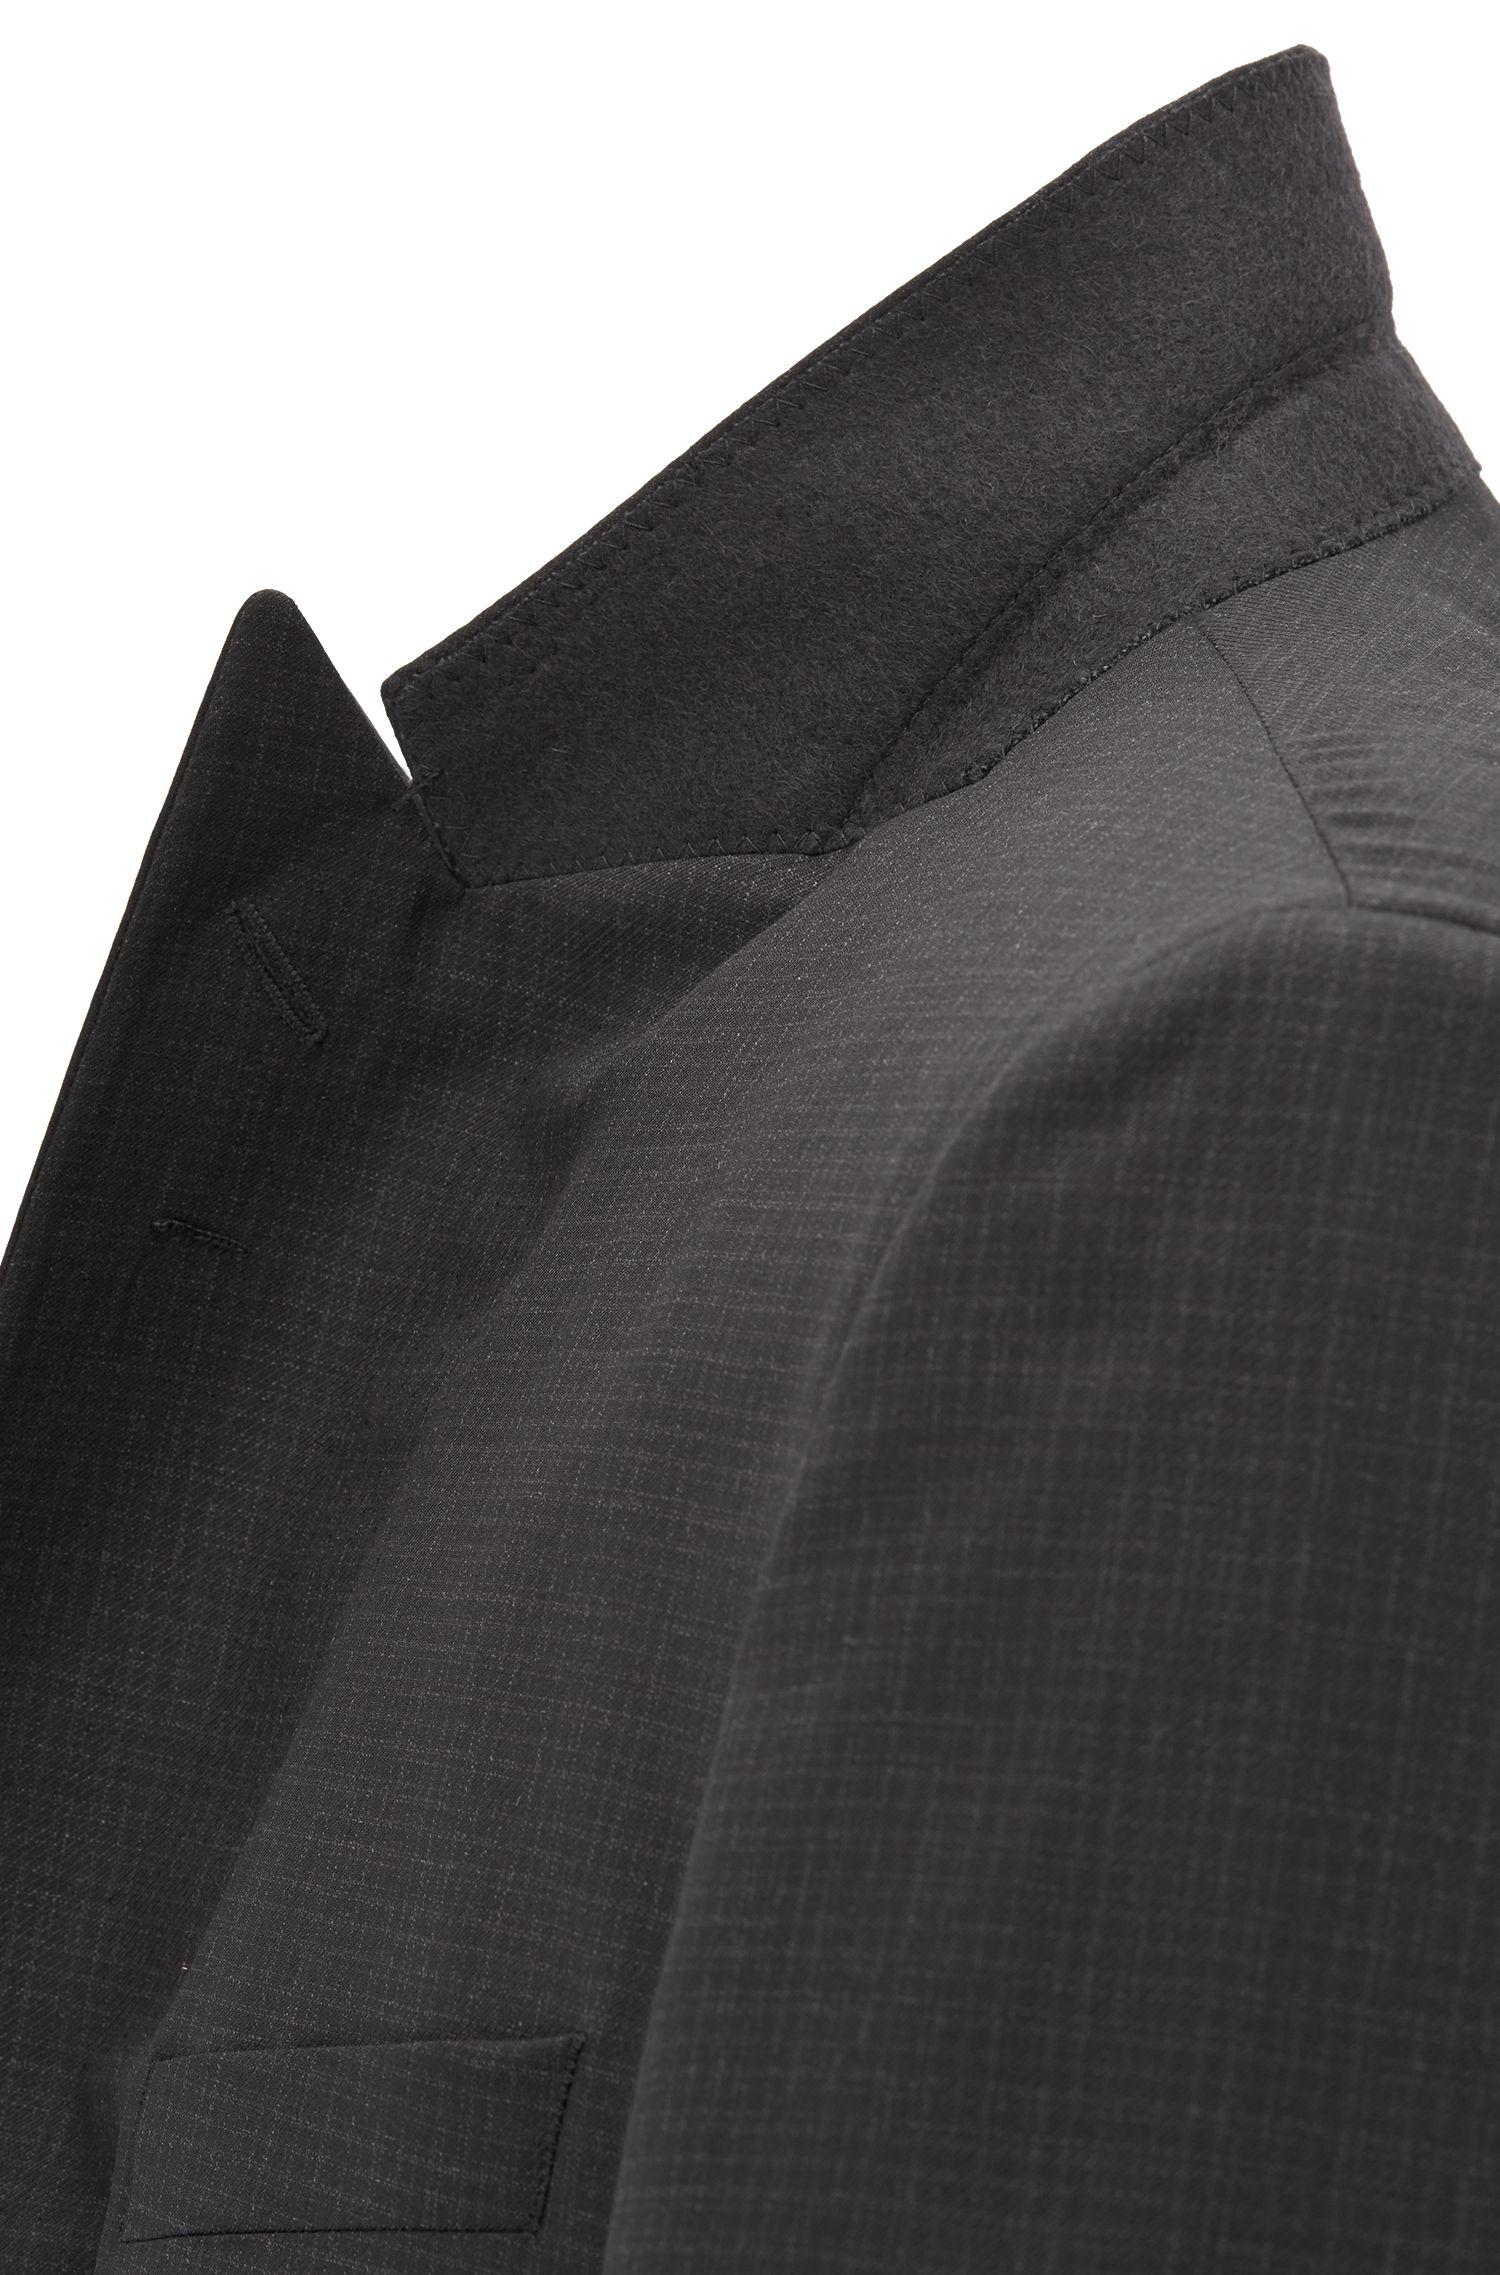 Dreiteiliger Slim-Fit Smoking aus Schurwolle mit Seiden-Details, Schwarz